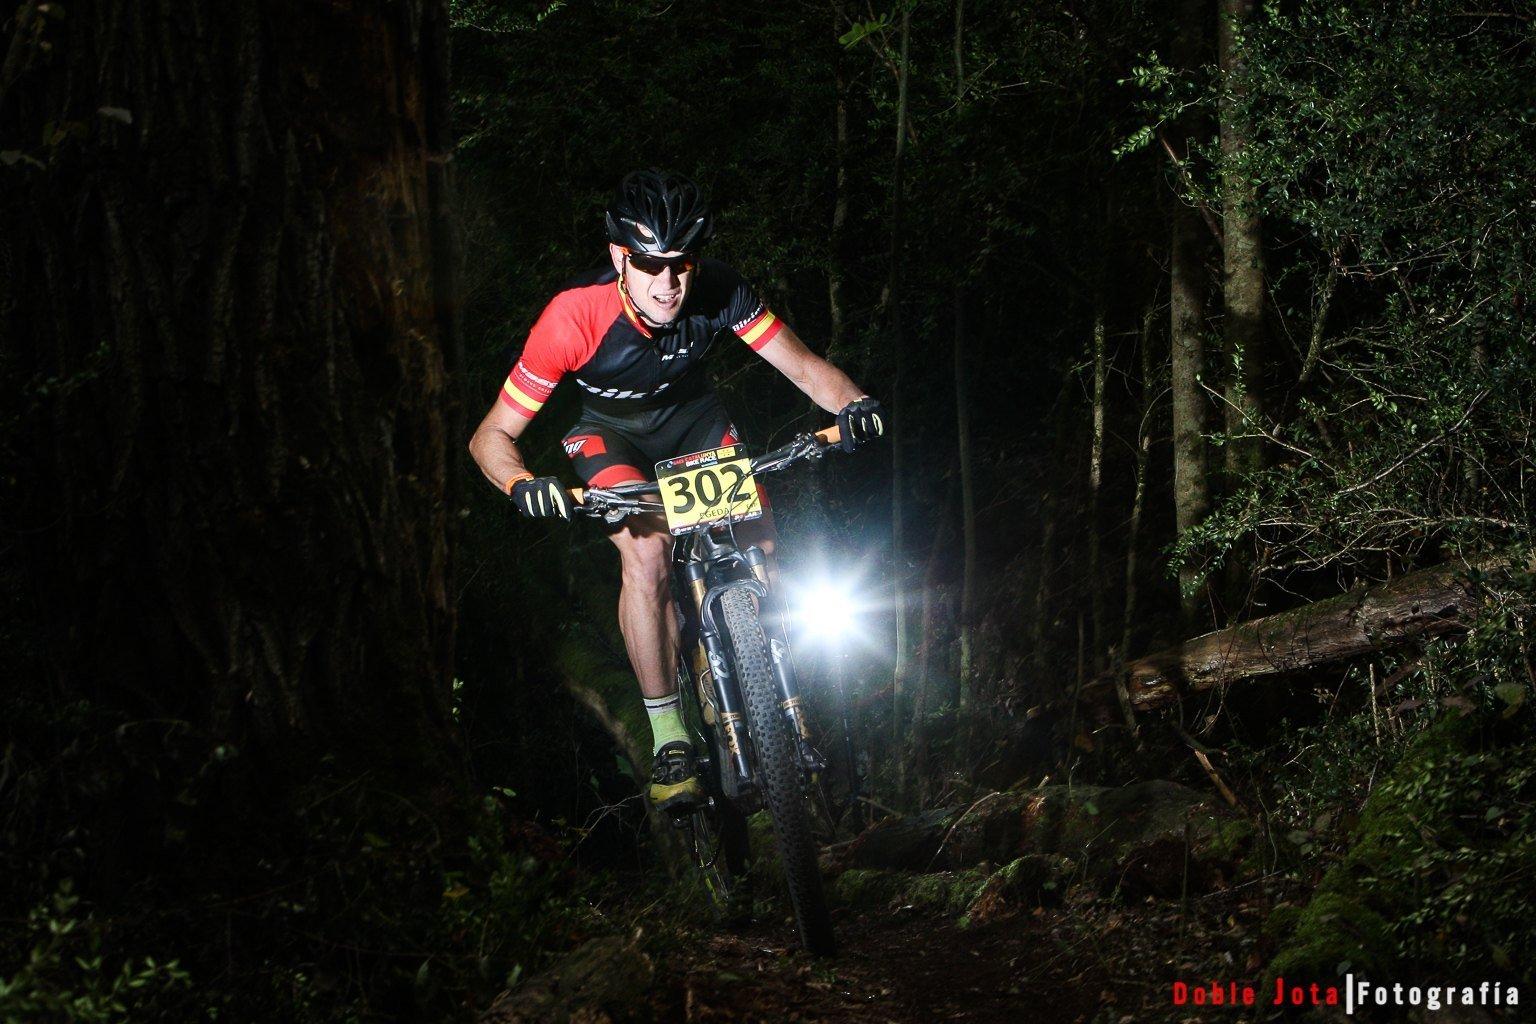 Fotografo Cataluña Bike Race